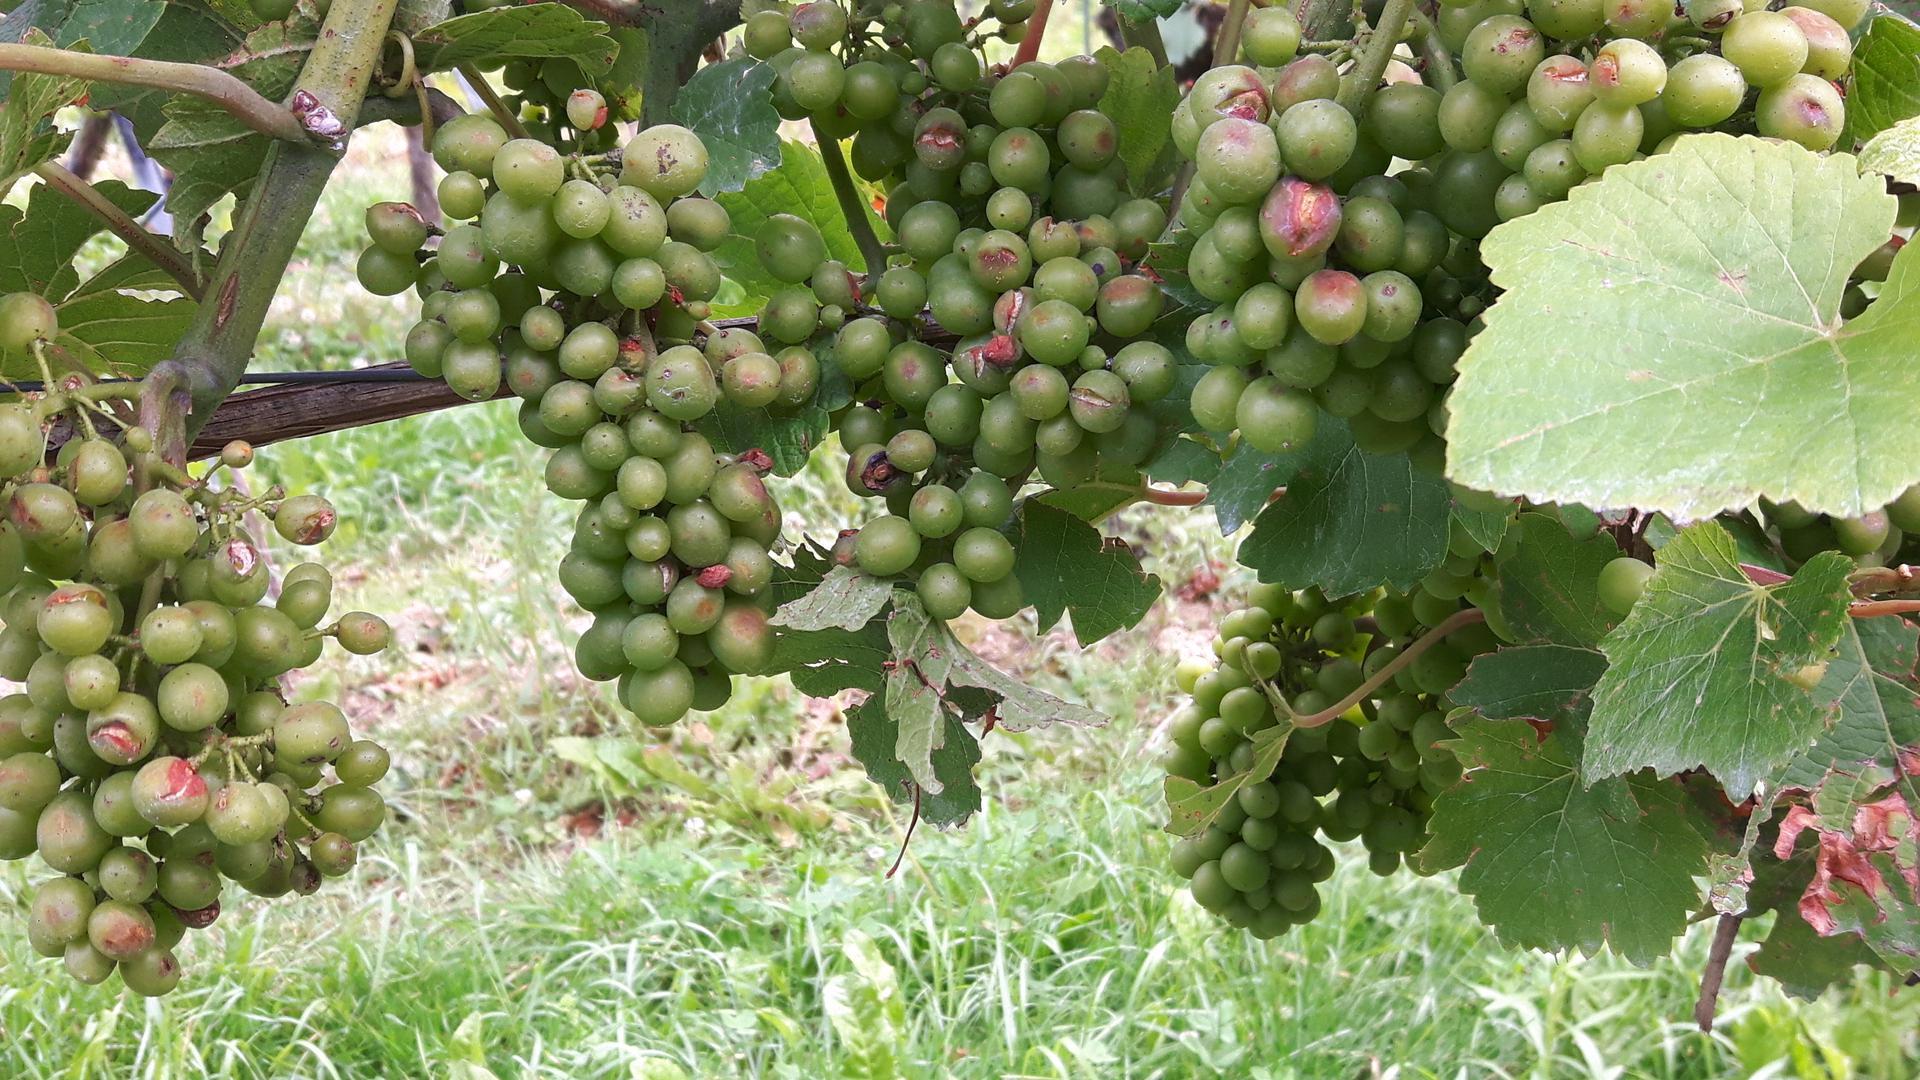 Gerade bei Diersburg und Oberschopfheim hat ein Hagelschauer Ende Juli zahlreiche Beeren beschädigt, zu sehen an den Einkerbungen.